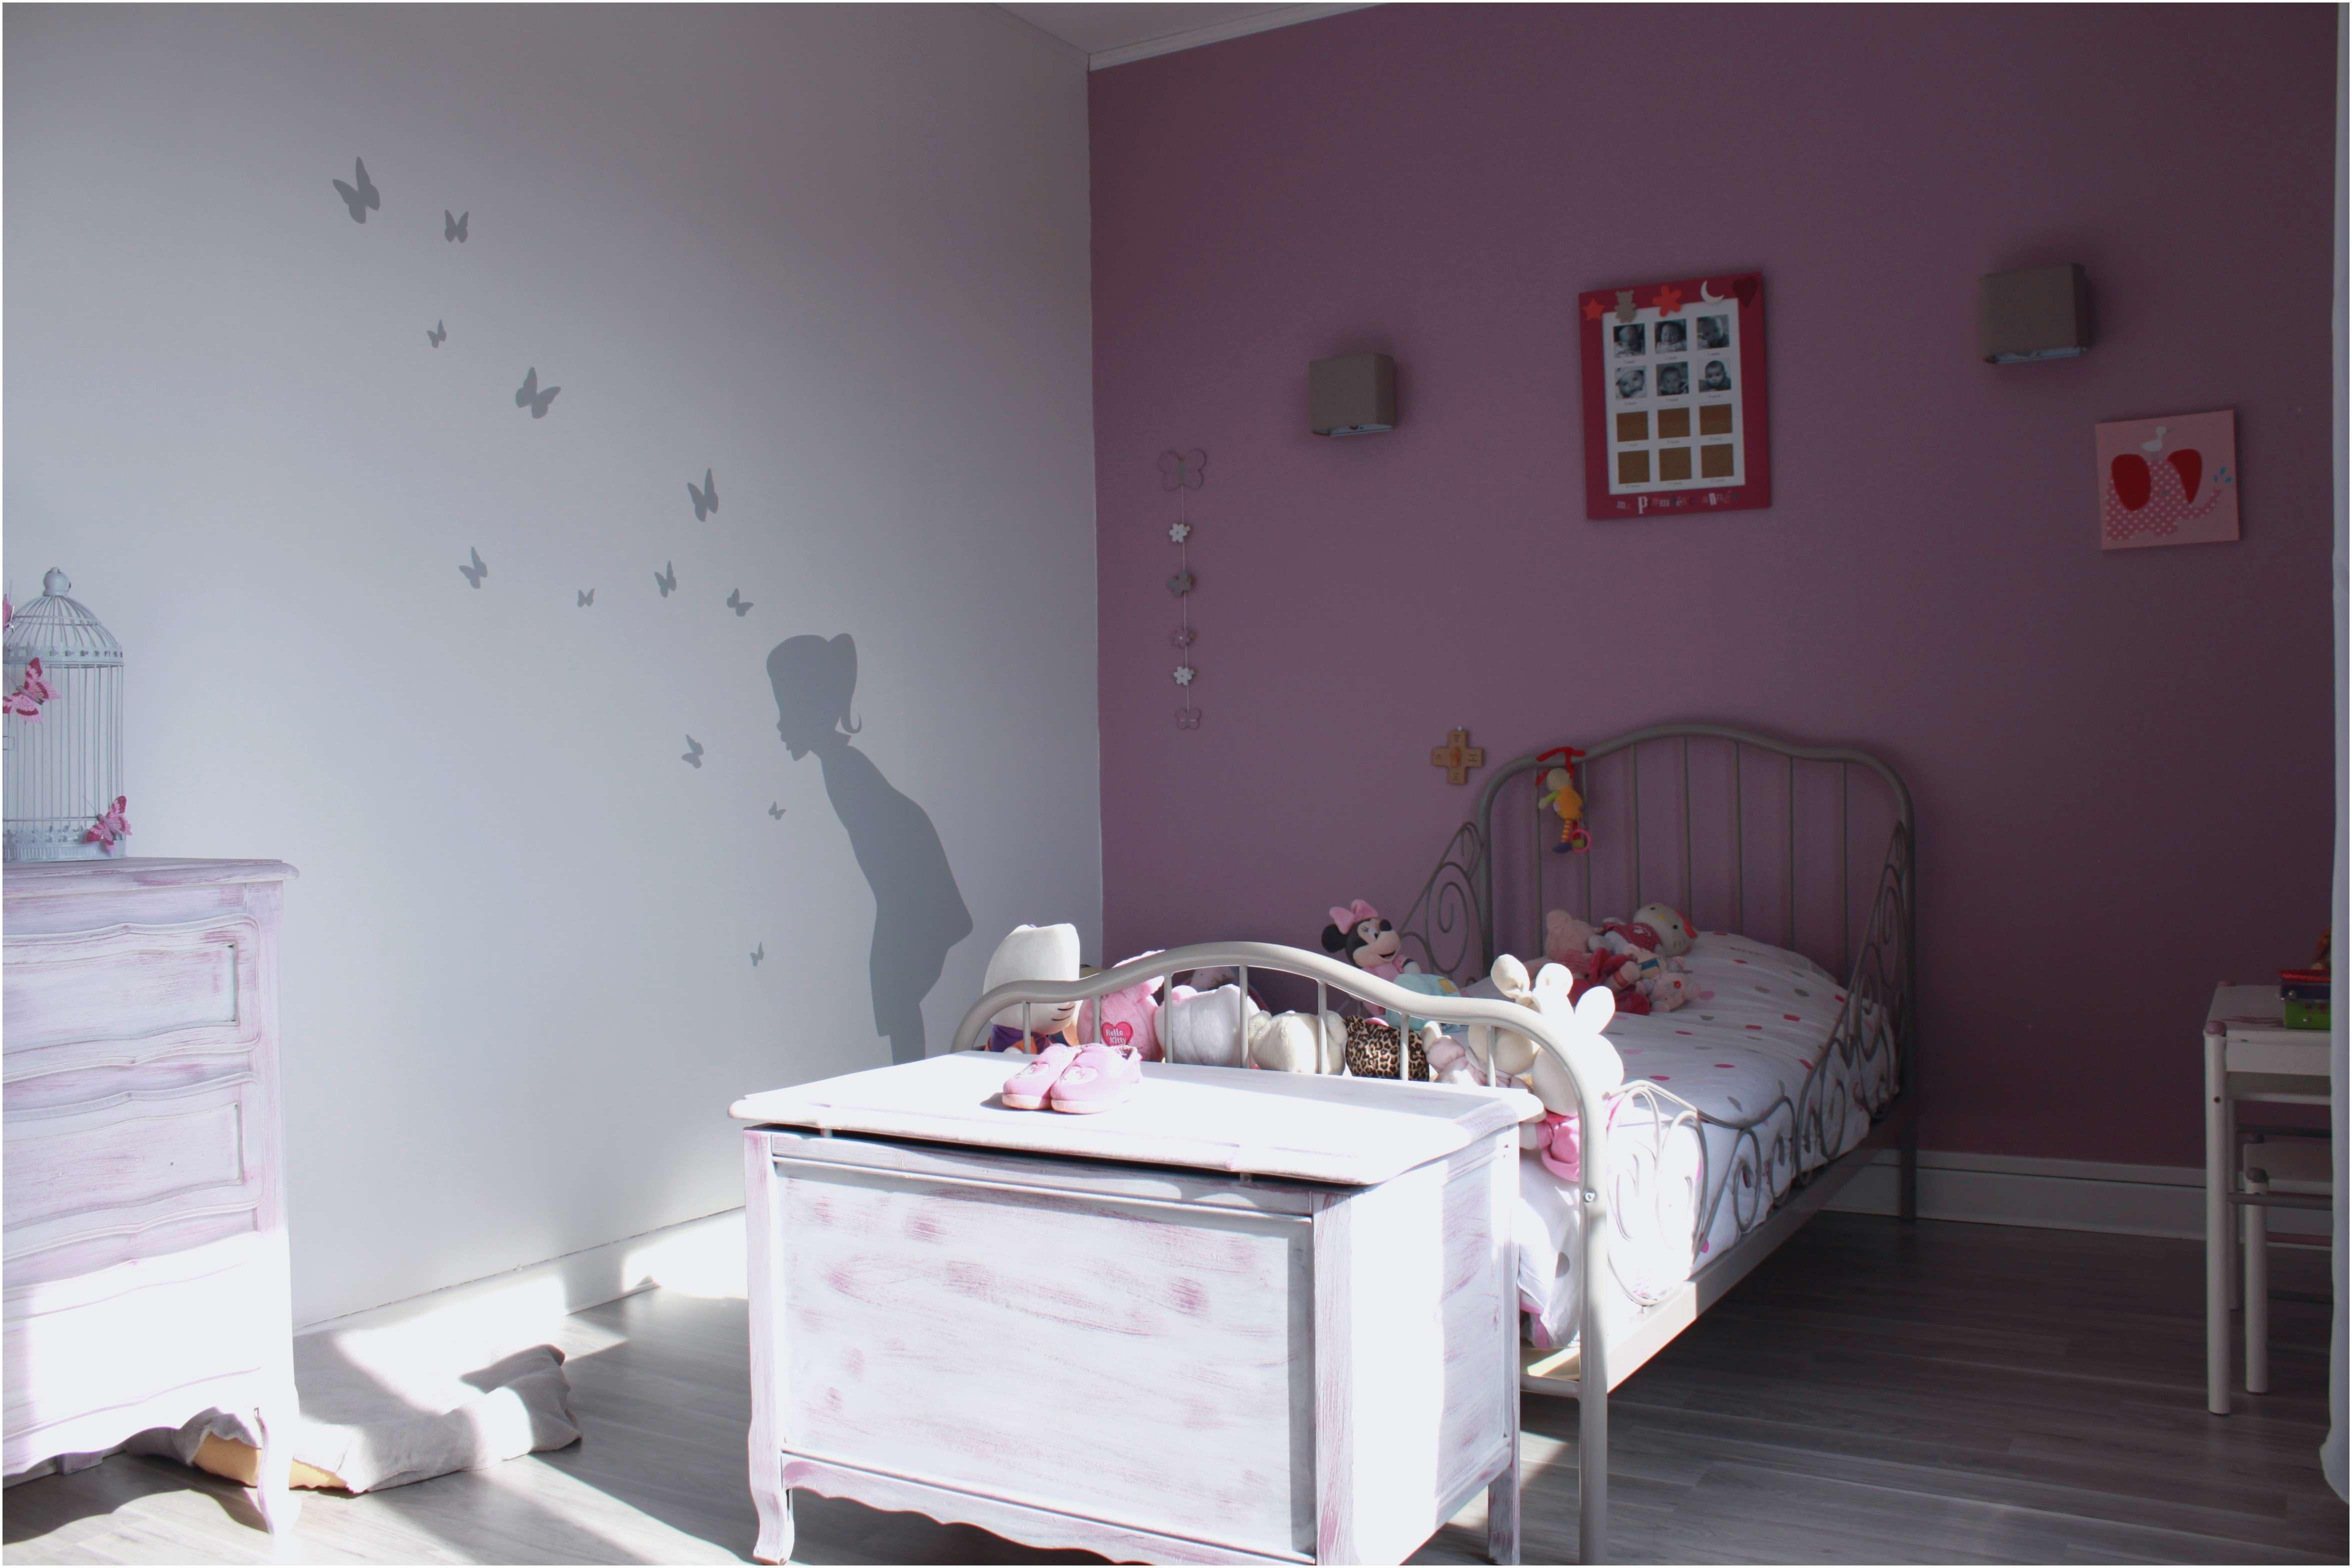 Parure De Lit Bébé Joli Elégant Chambre Bébé Fille Gris Et Rose Beau Parc B C3 A9b C3 A9